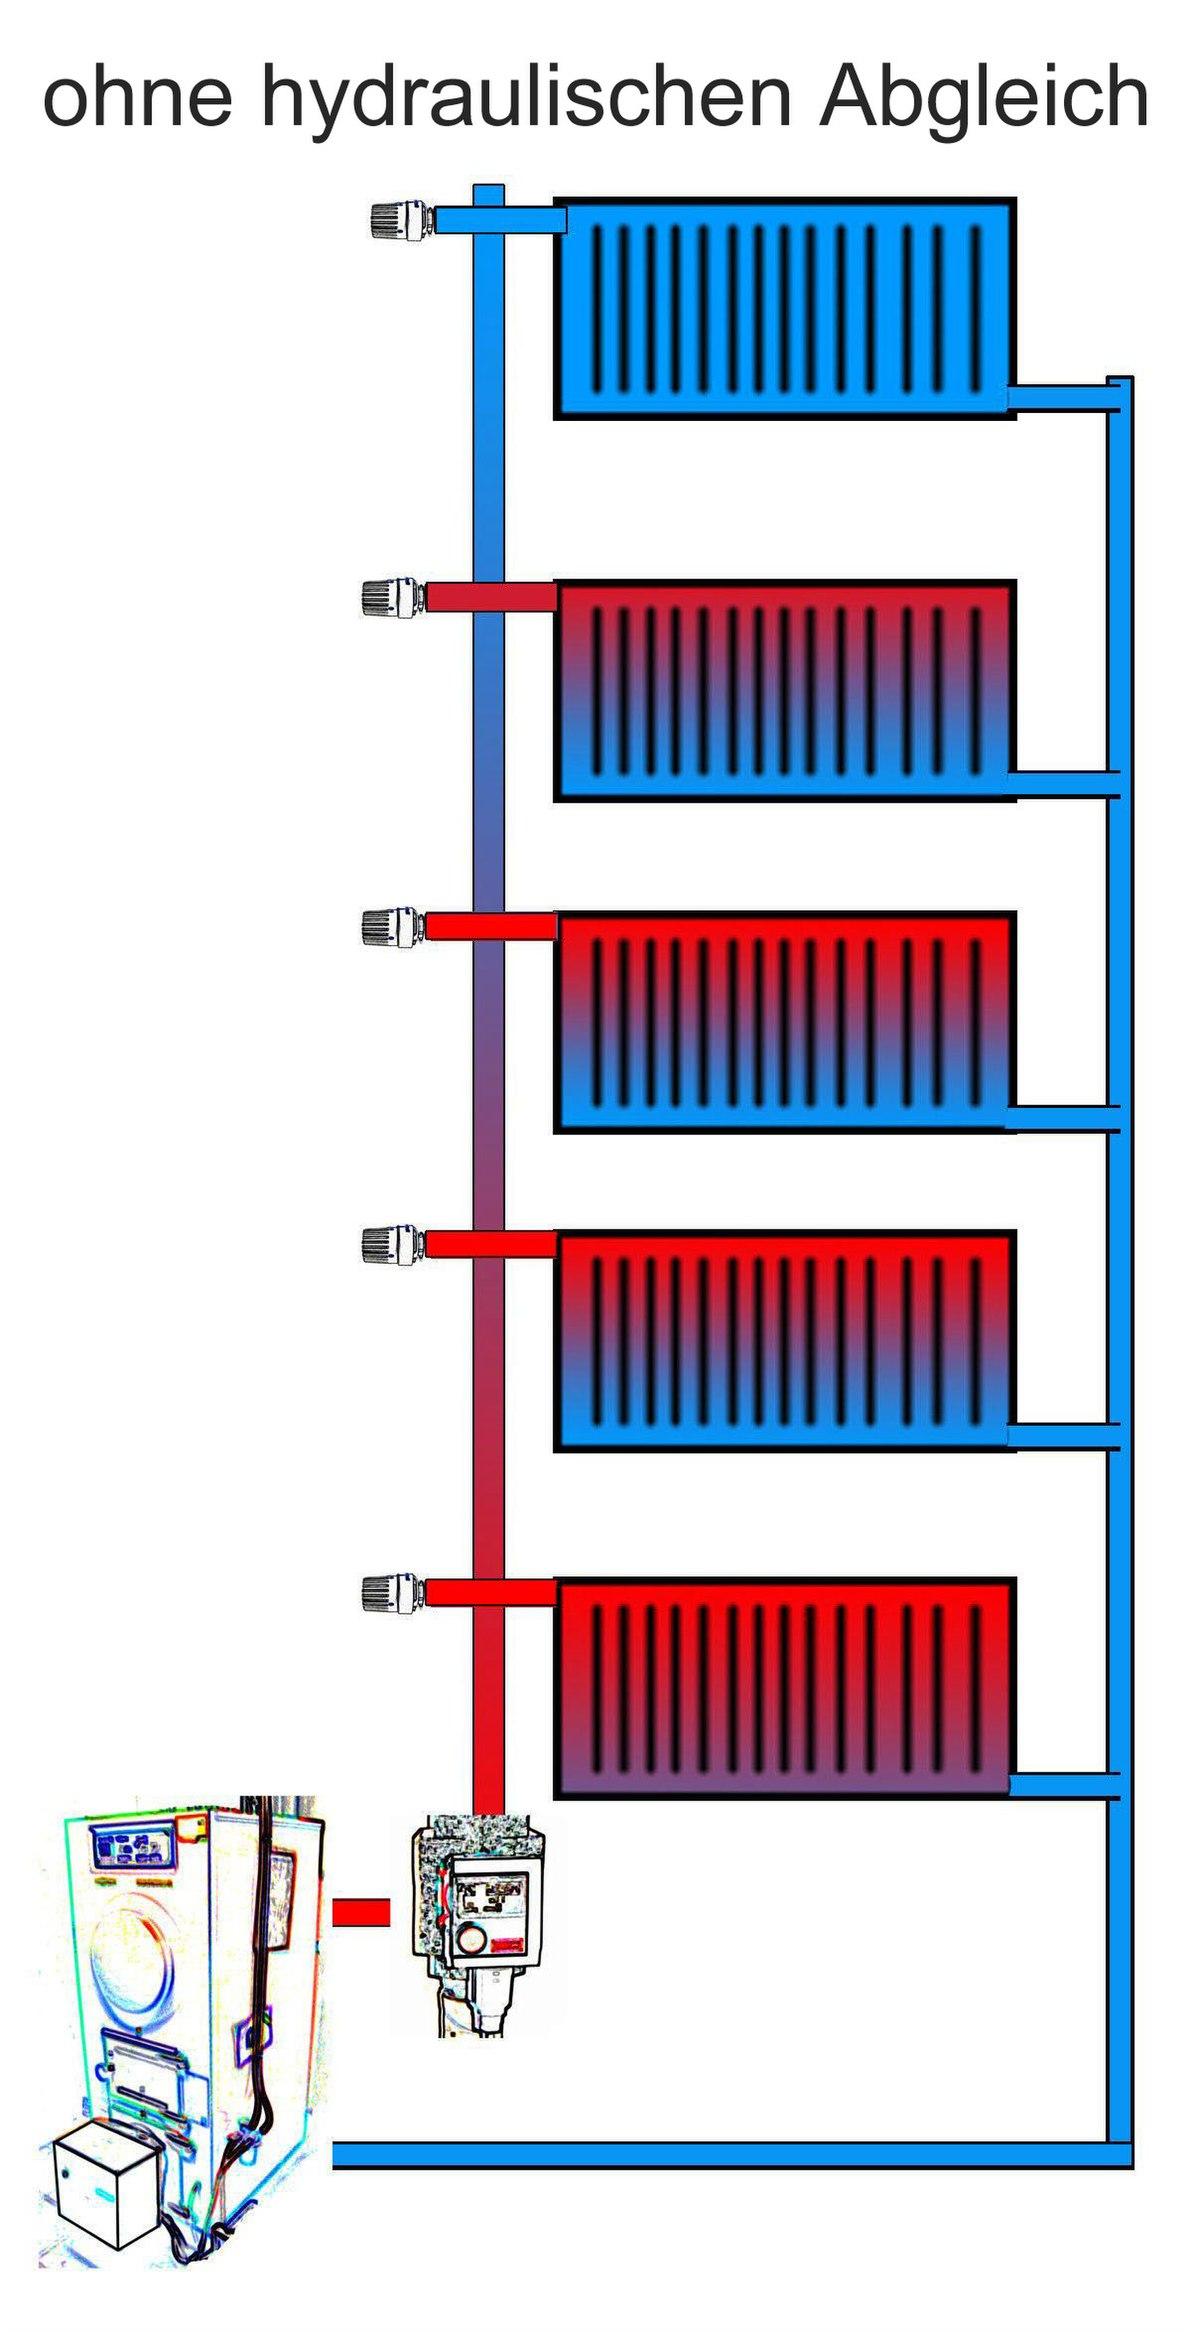 Hydraulischer abgleich wikipedia - Quadratmeter berechnen zimmer ...